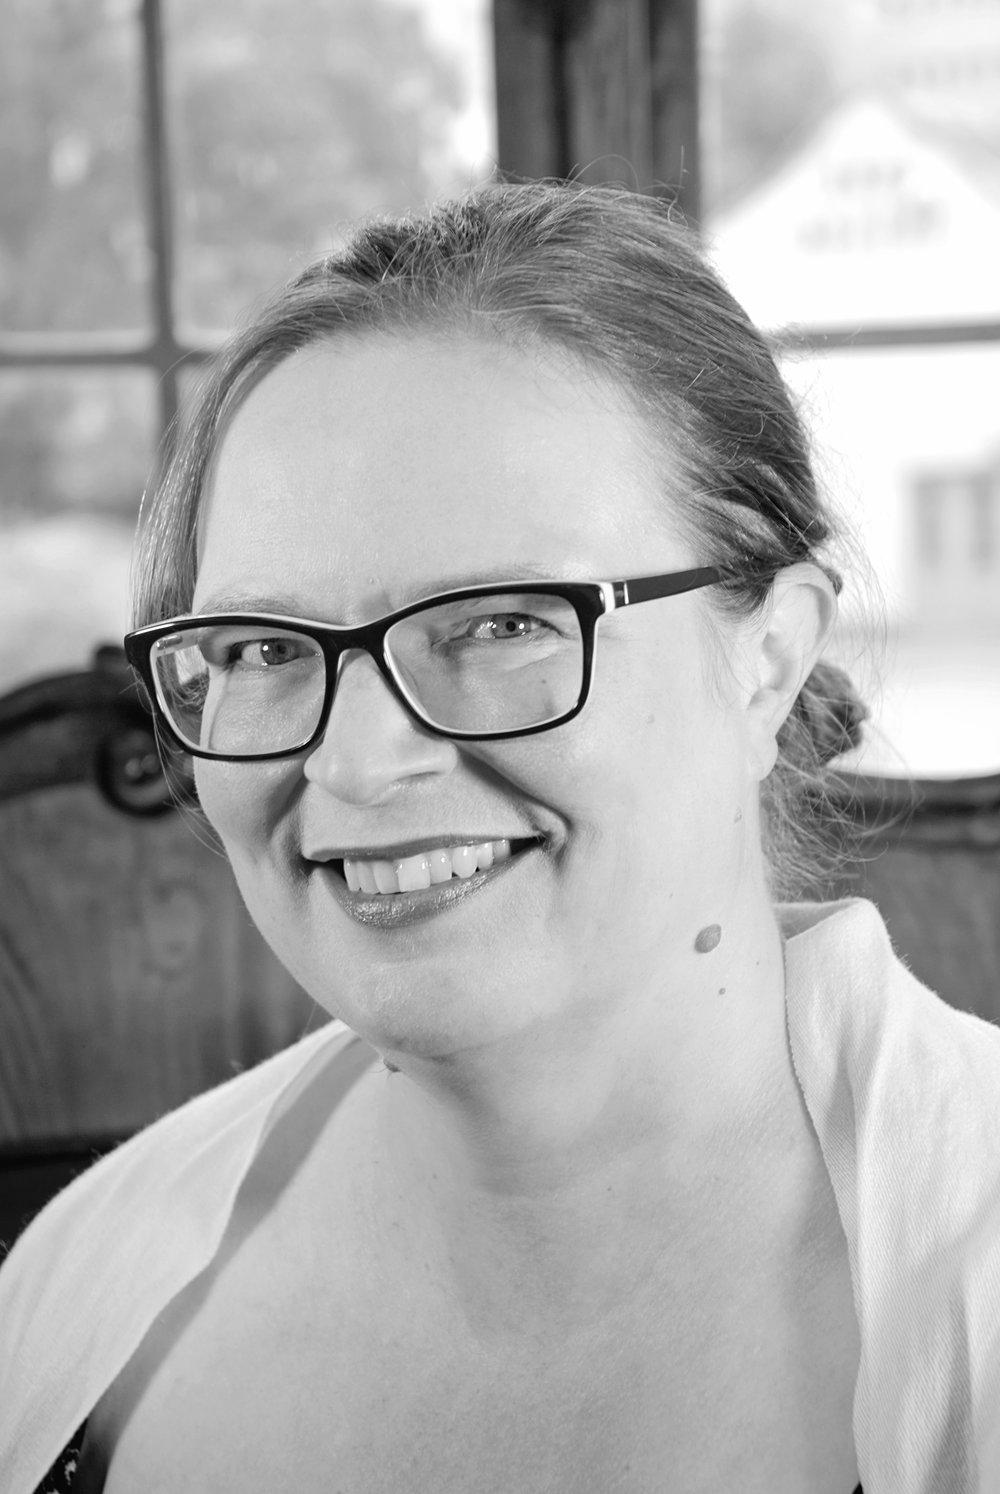 minna turtiainen - Hoitaa taloutta yhdessä Tiina Lehtisen kanssa.treasury@icomfinland.fi